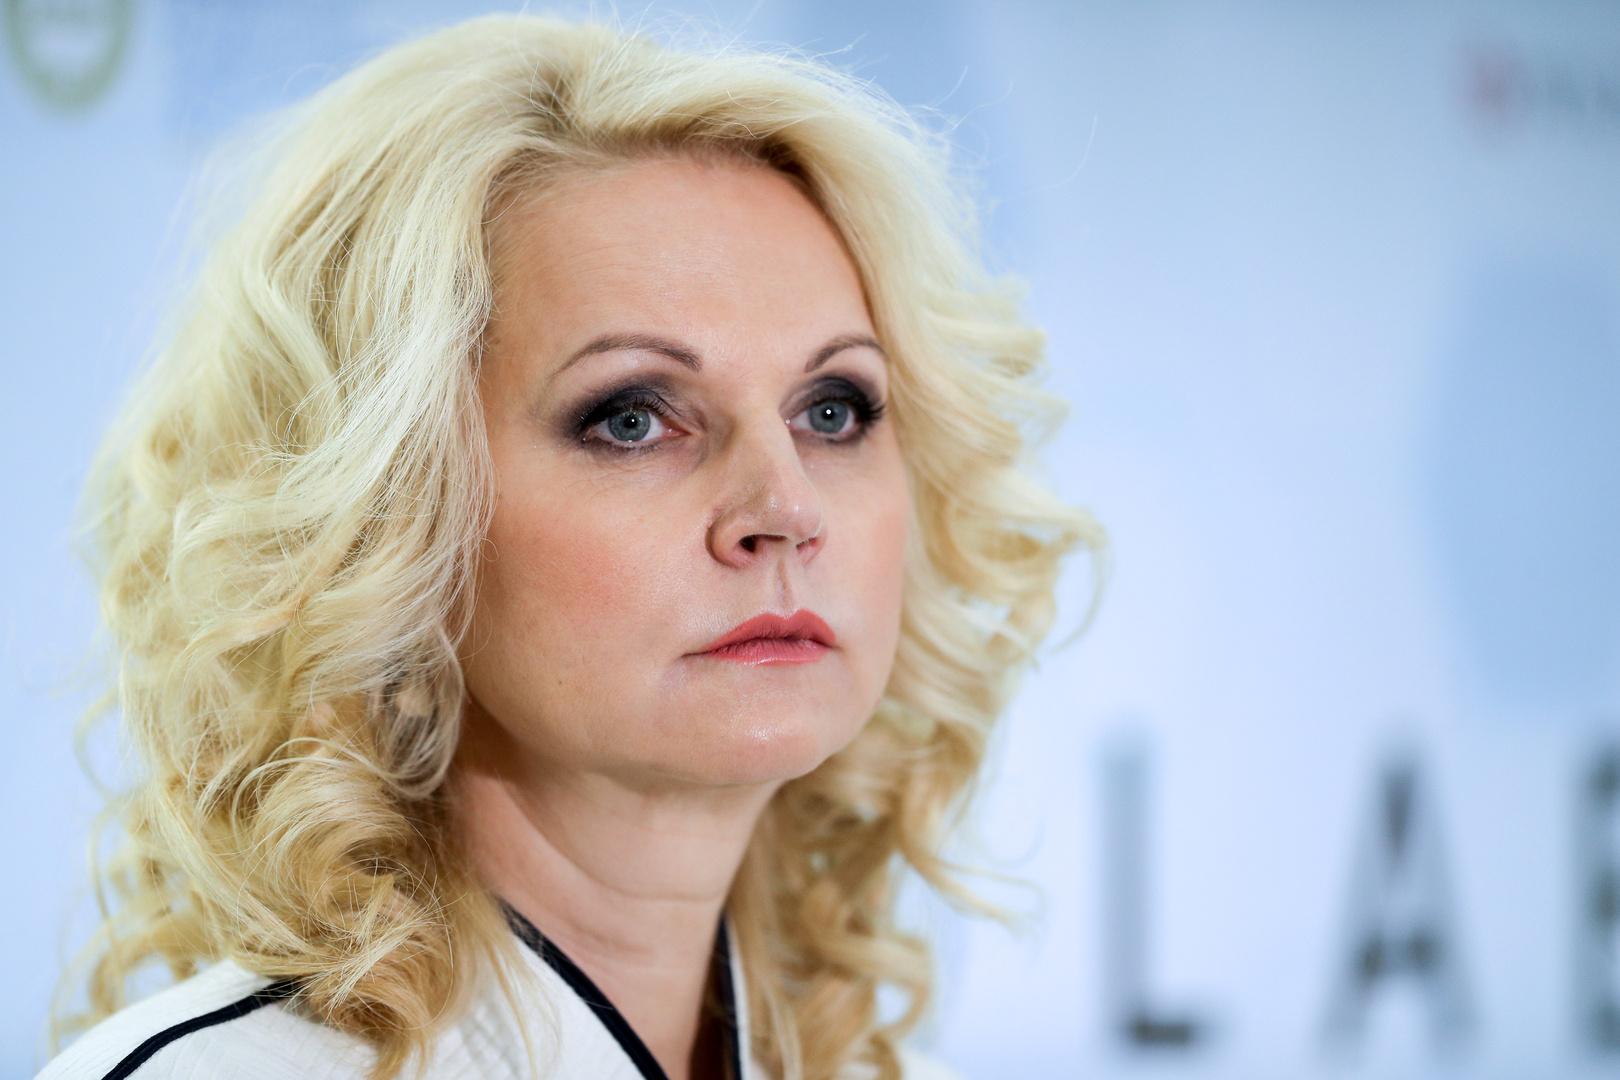 غوليكوفا: اللقاح الروسي ناجع ضد جميع سلالات فيروس كورونا